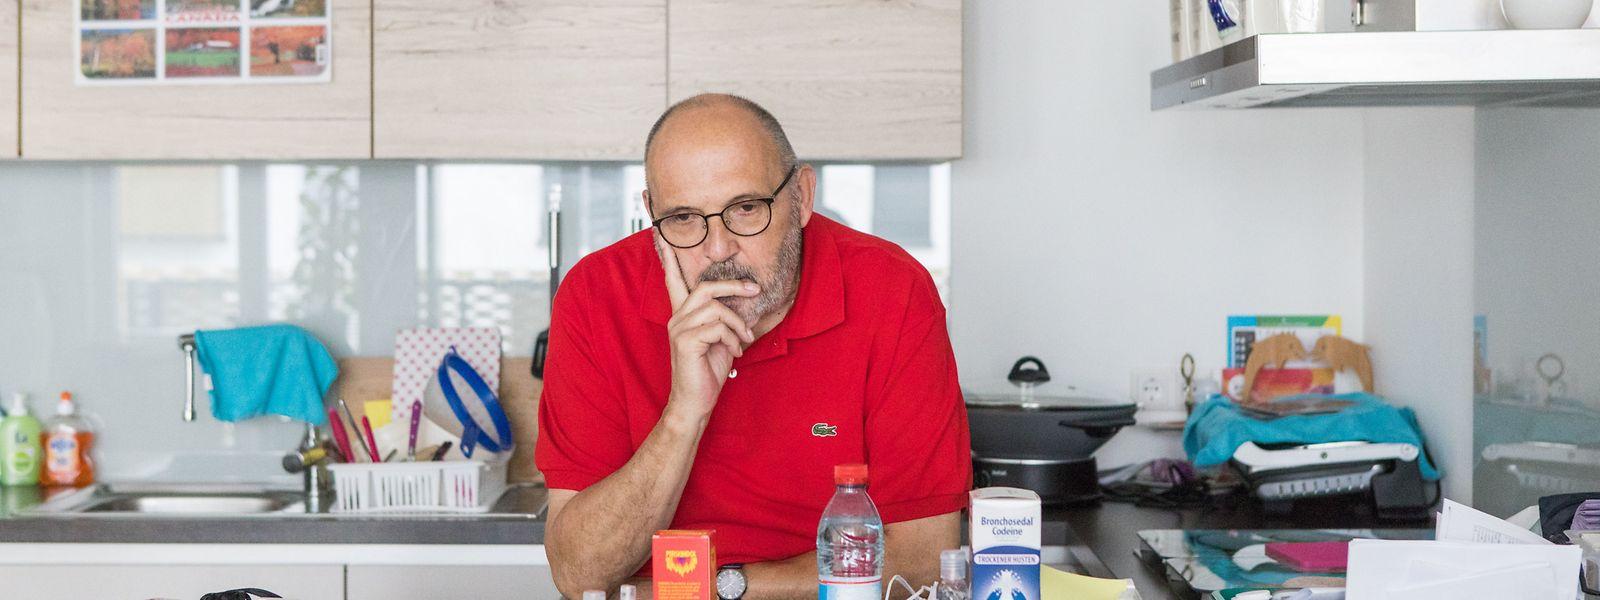 """Auf seiner Küchentheke stehen neben Kochgeräten und Arzneimitteln auch jede Menge Papierkram. """"Ich bin derzeit nämlich ein Stammkunde bei der Gesundheitskasse"""", witzelt der 70-jährige Rentner."""